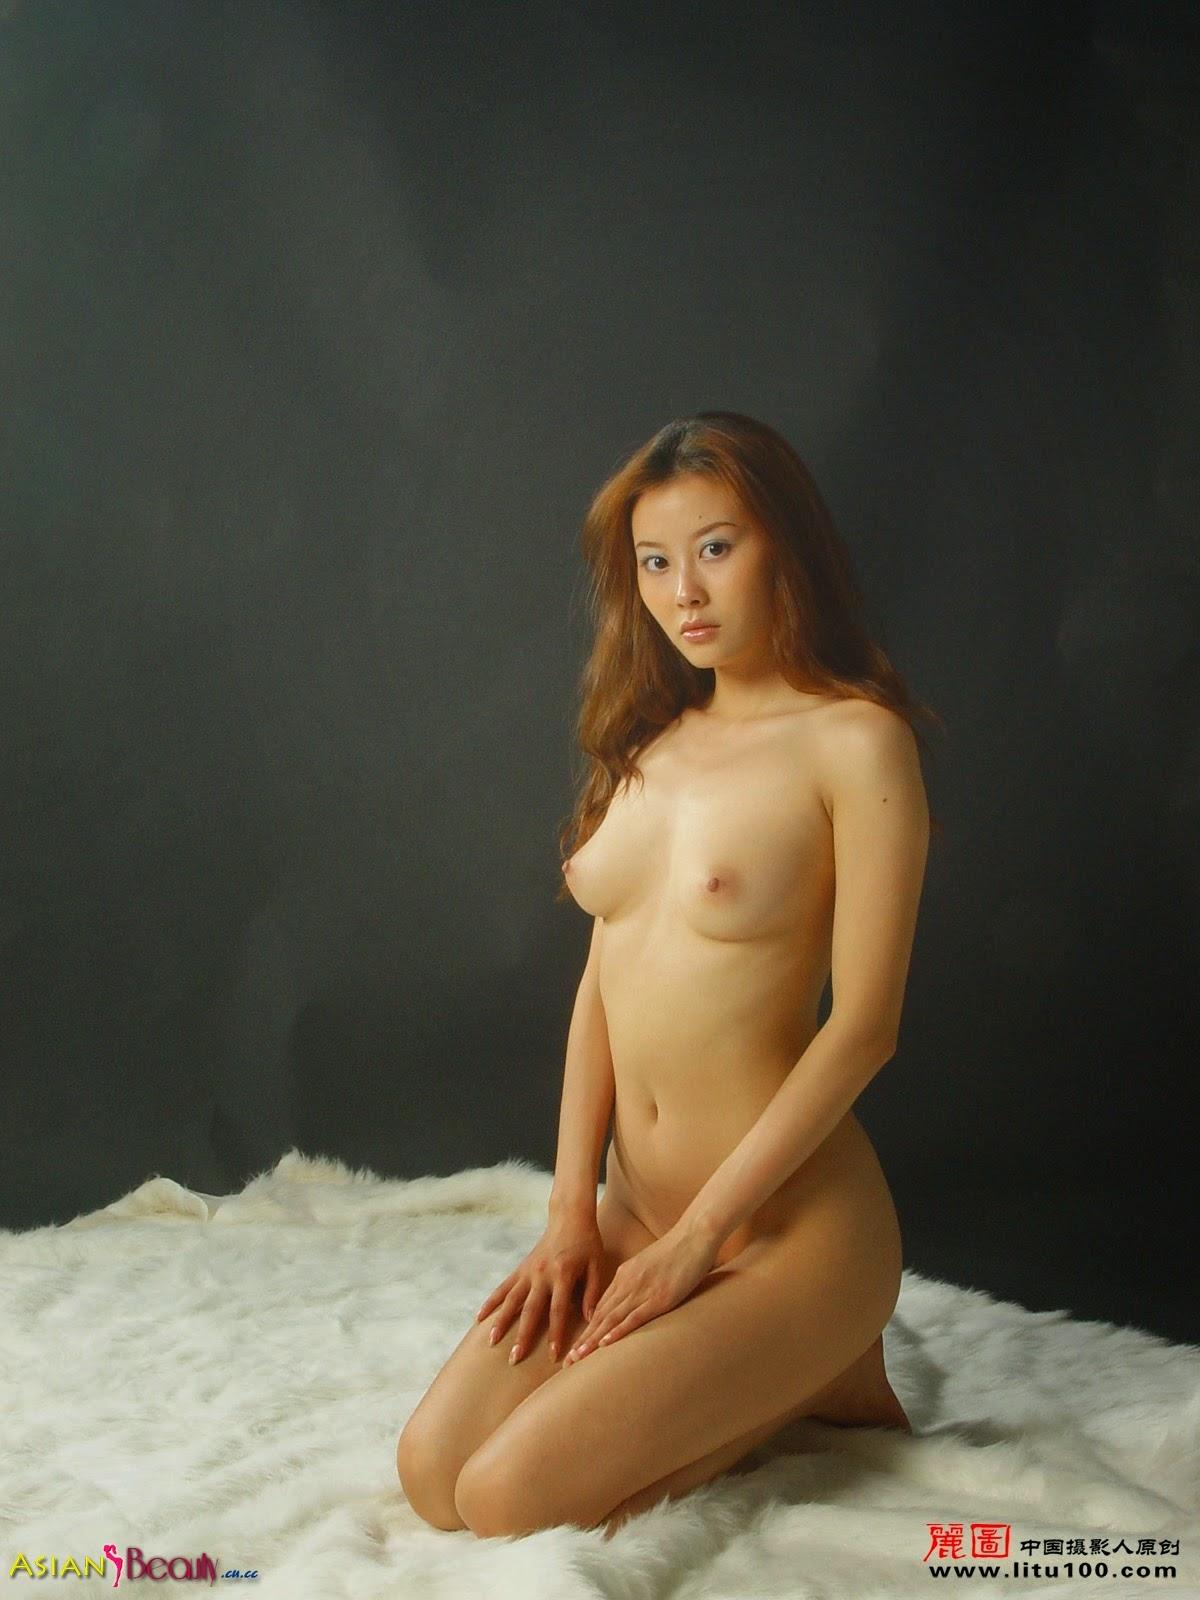 litu100 Keywords: Model Wang Dan, Chinese Model Wang Dan, Wang Dan Nude, Wang Dan  Bikini, Wang Dan Video, Wang Dan Torrent, Wang Dan Wallpapaer, Wang Dan  Hot, ...